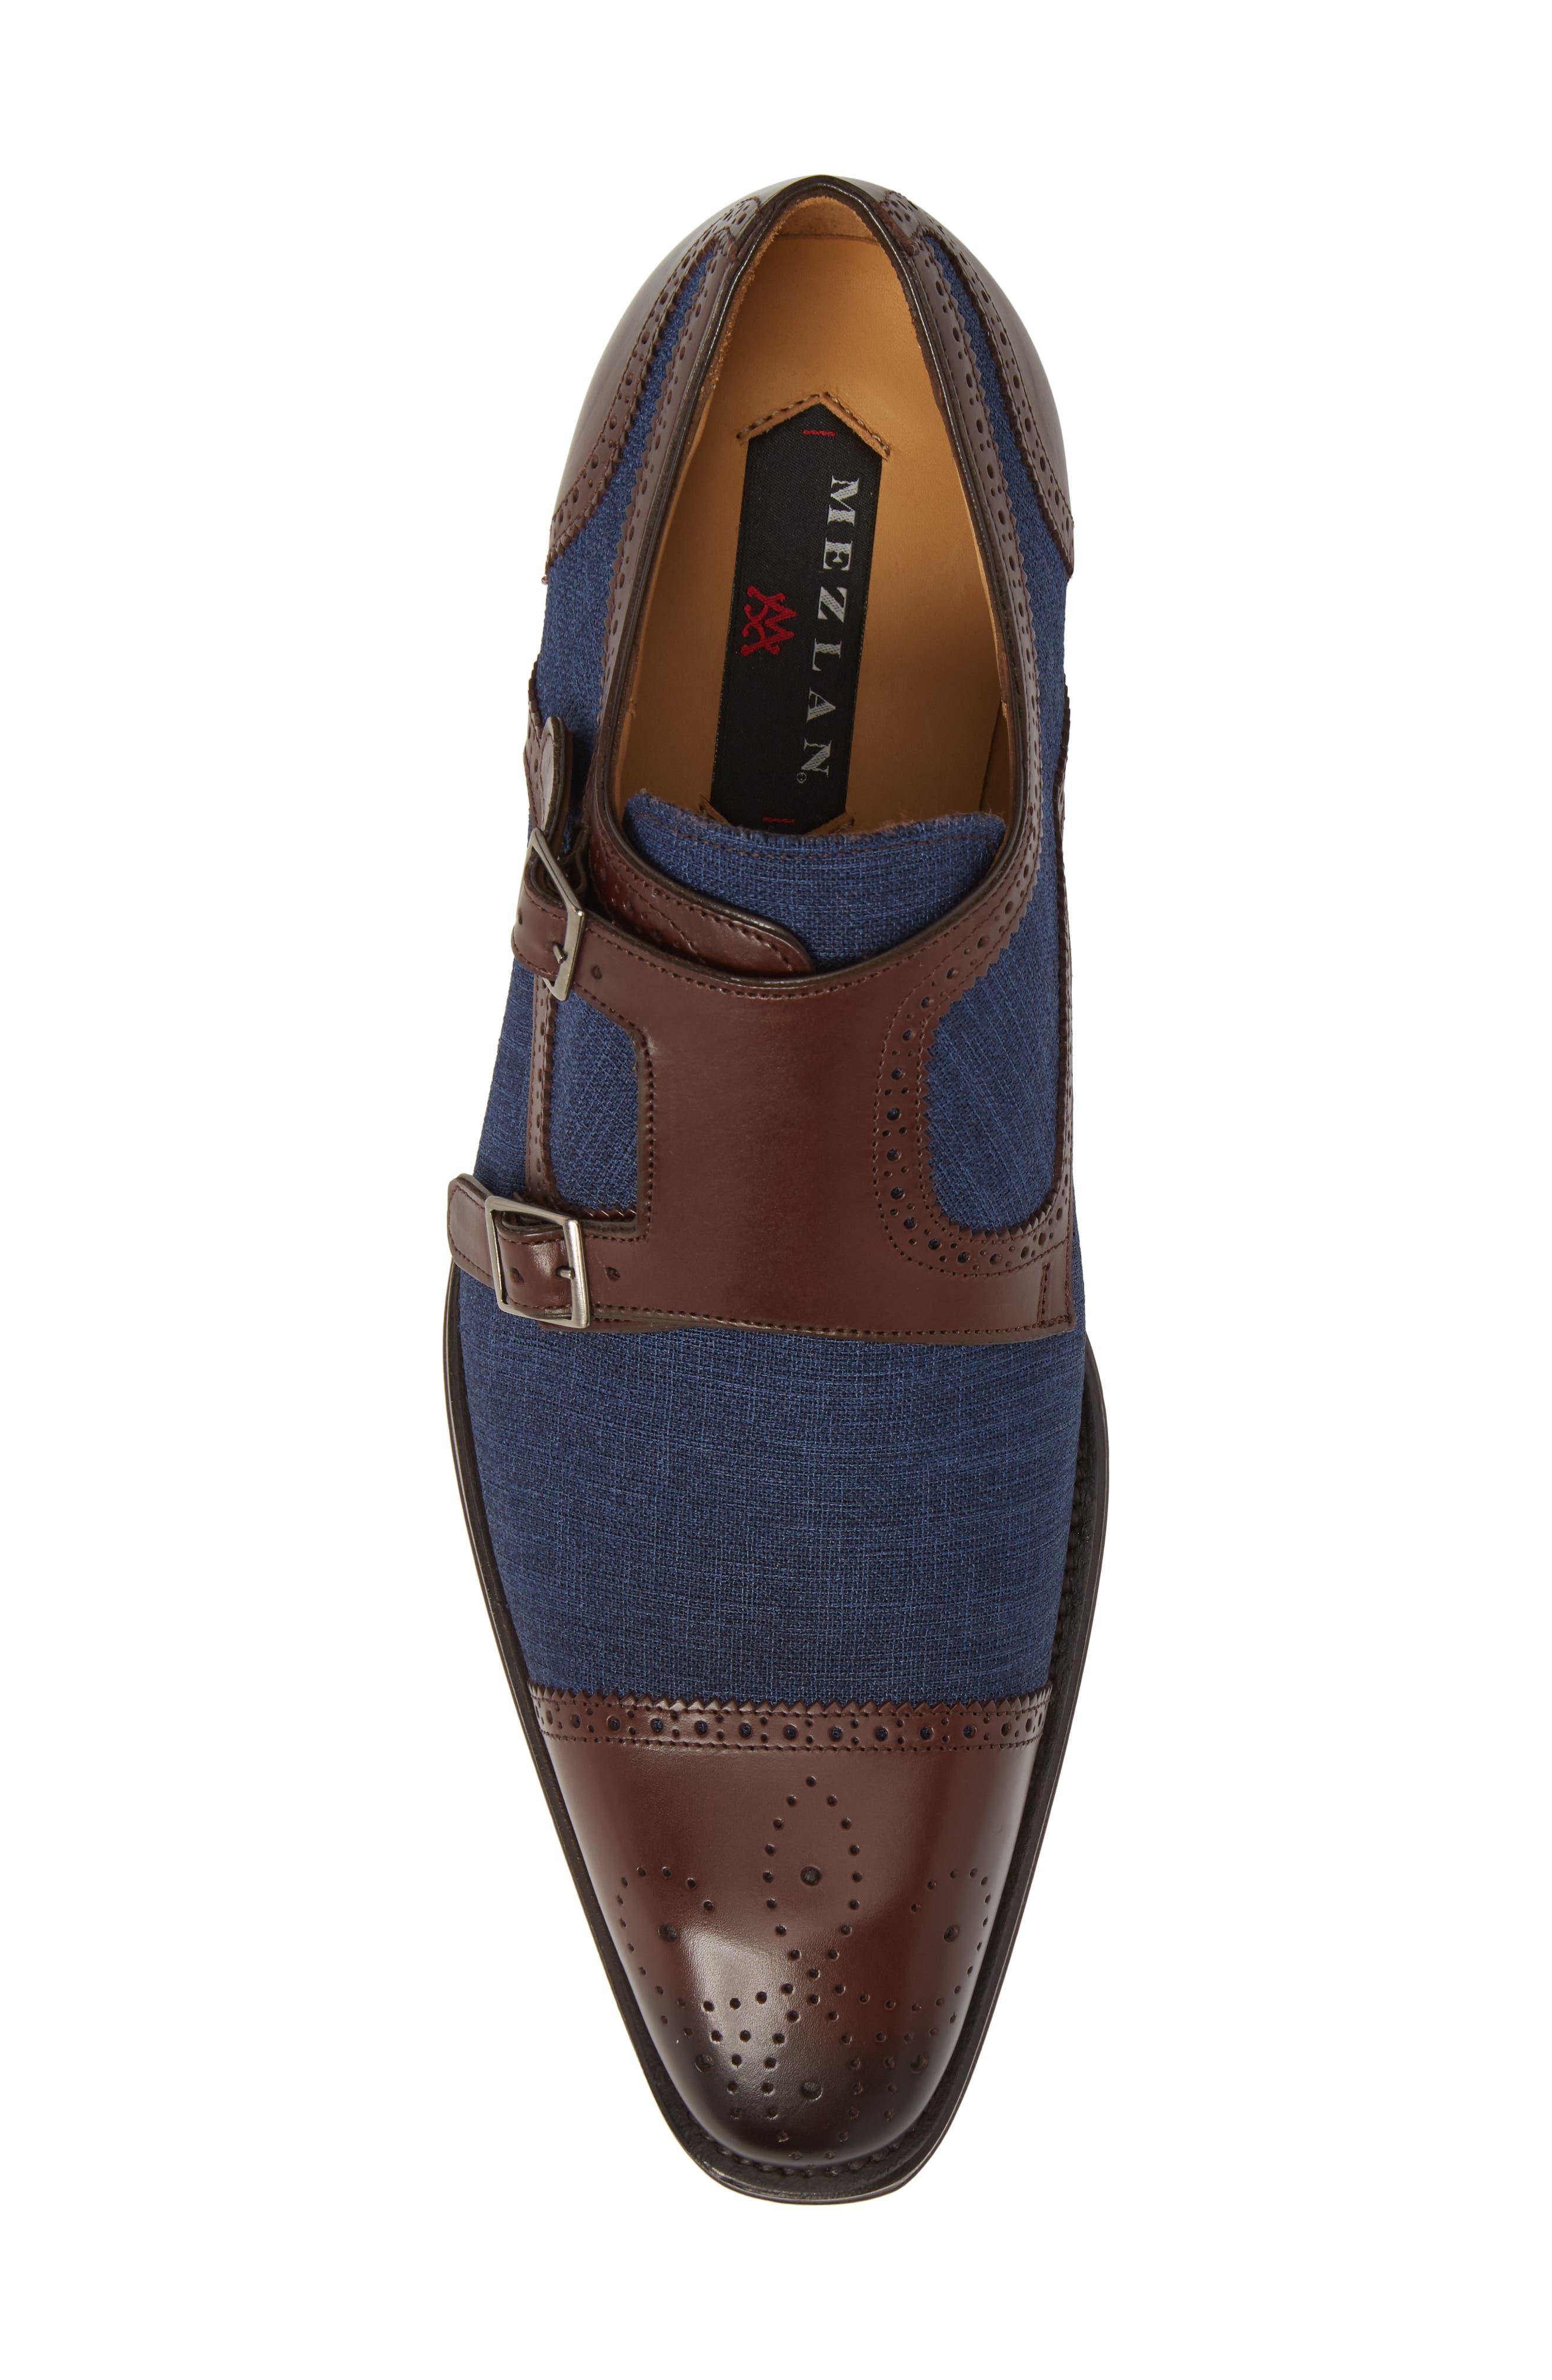 Cupido Double Monk Strap Cap Toe Shoe,                             Alternate thumbnail 5, color,                             Brown/ Blue Leather